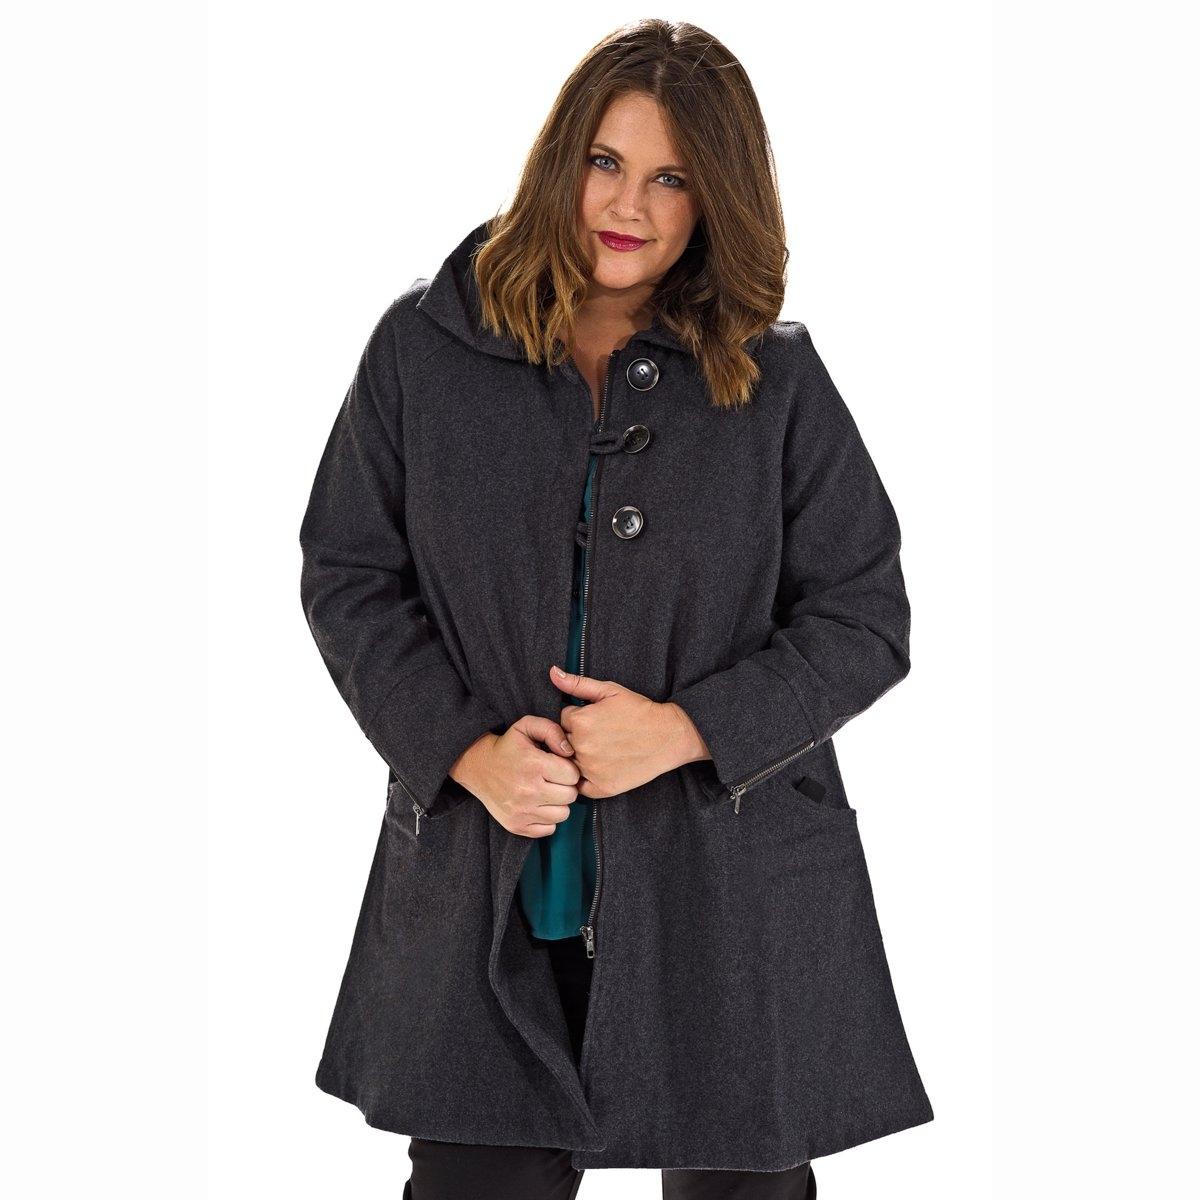 ПальтоТеплое пальто на молнии в форме трапеции MELLEM, 50% шерсти. Основной материал: 50% полиэстера, 50% шерсти. Подкладка : 100% полиэстера.Форма трапеции, рукава реглан для максимального комфорта. Хлястик позволит вам подчеркнуть талию по вашему вкусу. Крупные пуговицы и металлические молнии внизу рукавов придают модели современный вид. Объемный воротник, теплый и женственный. Рукава на подкладке из сатина, перед и спинка без подкладки: так удобнее и подкладка не порвется. Швы закрыты сатиновым кантом для безупречного вида.<br><br>Цвет: серый<br>Размер: 46 (FR) - 52 (RUS)